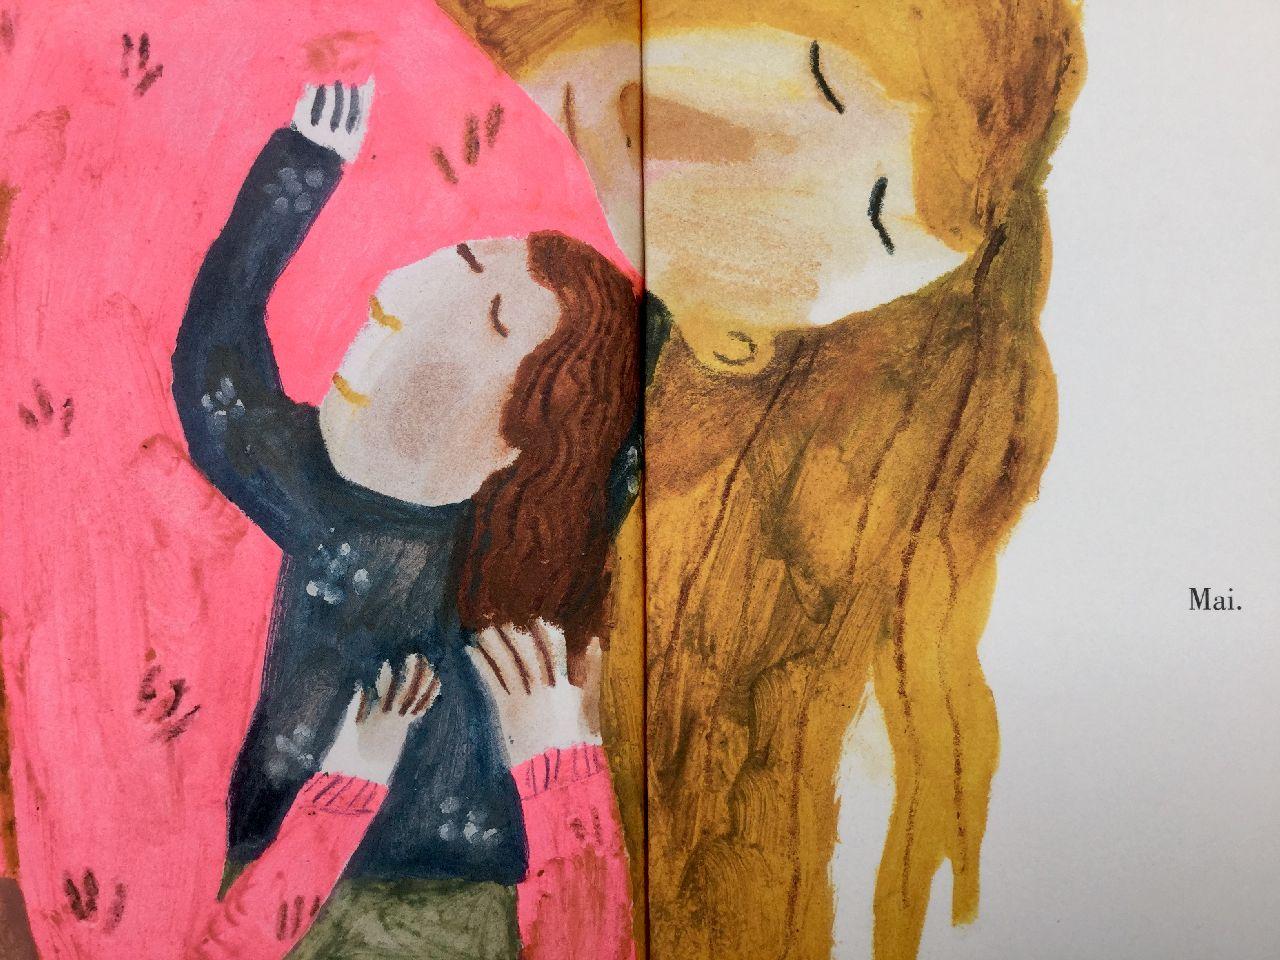 Beatrice Alemagna, Le cose che passano, Topipittori